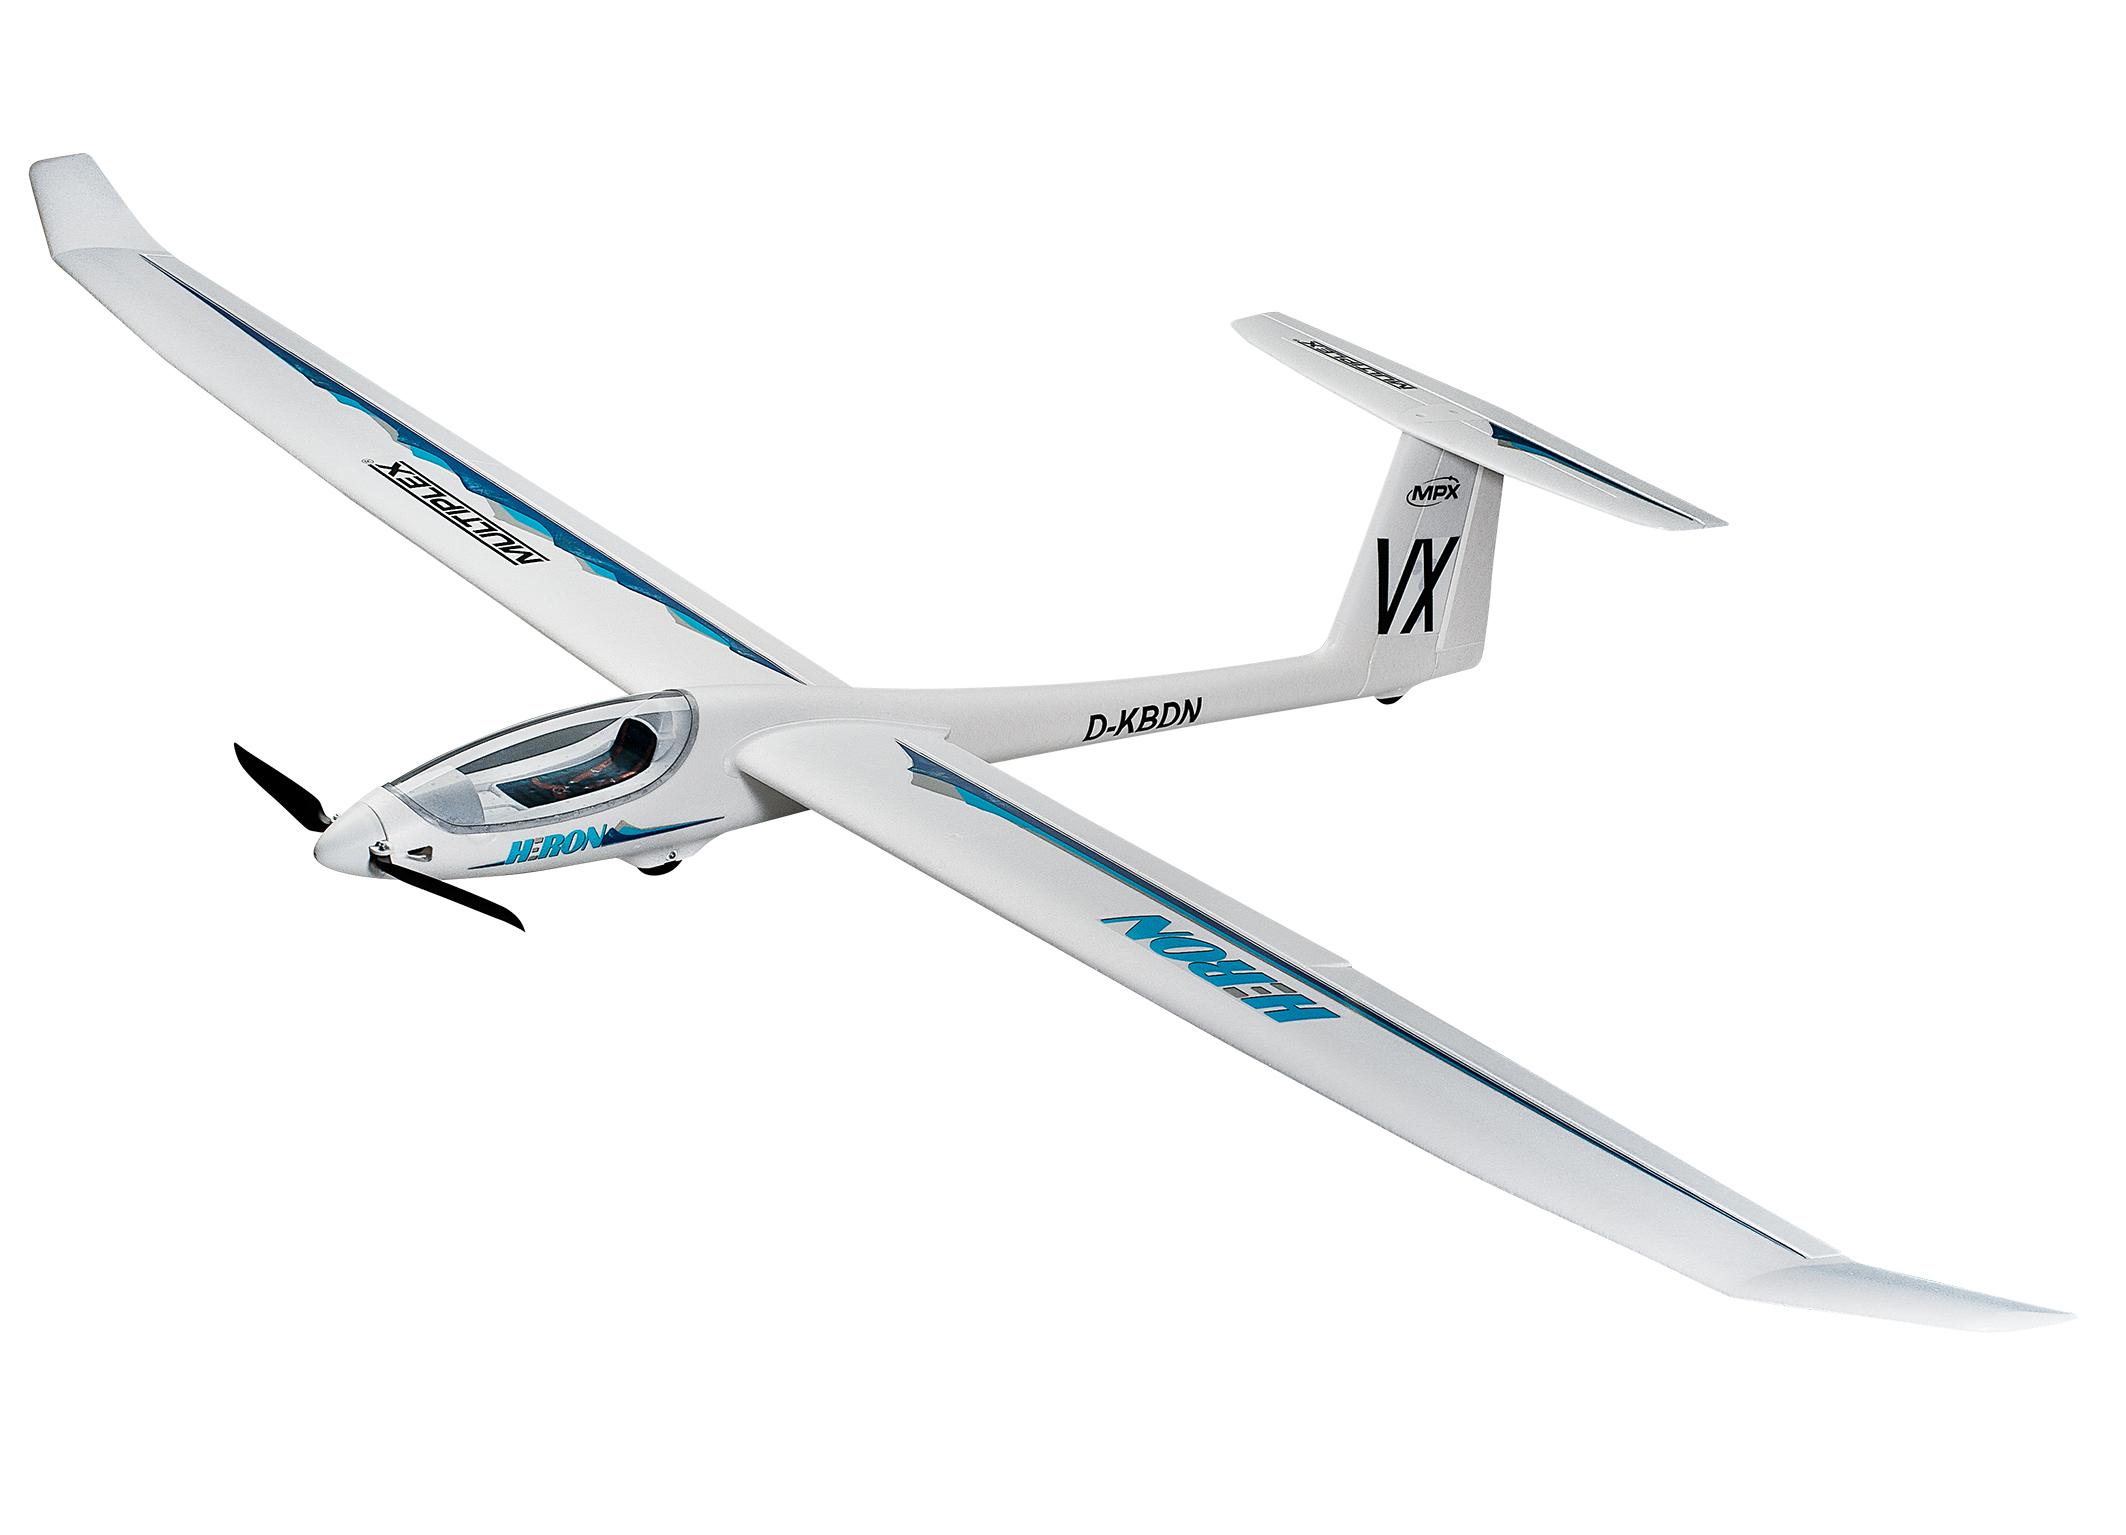 Multiplex BK Heron